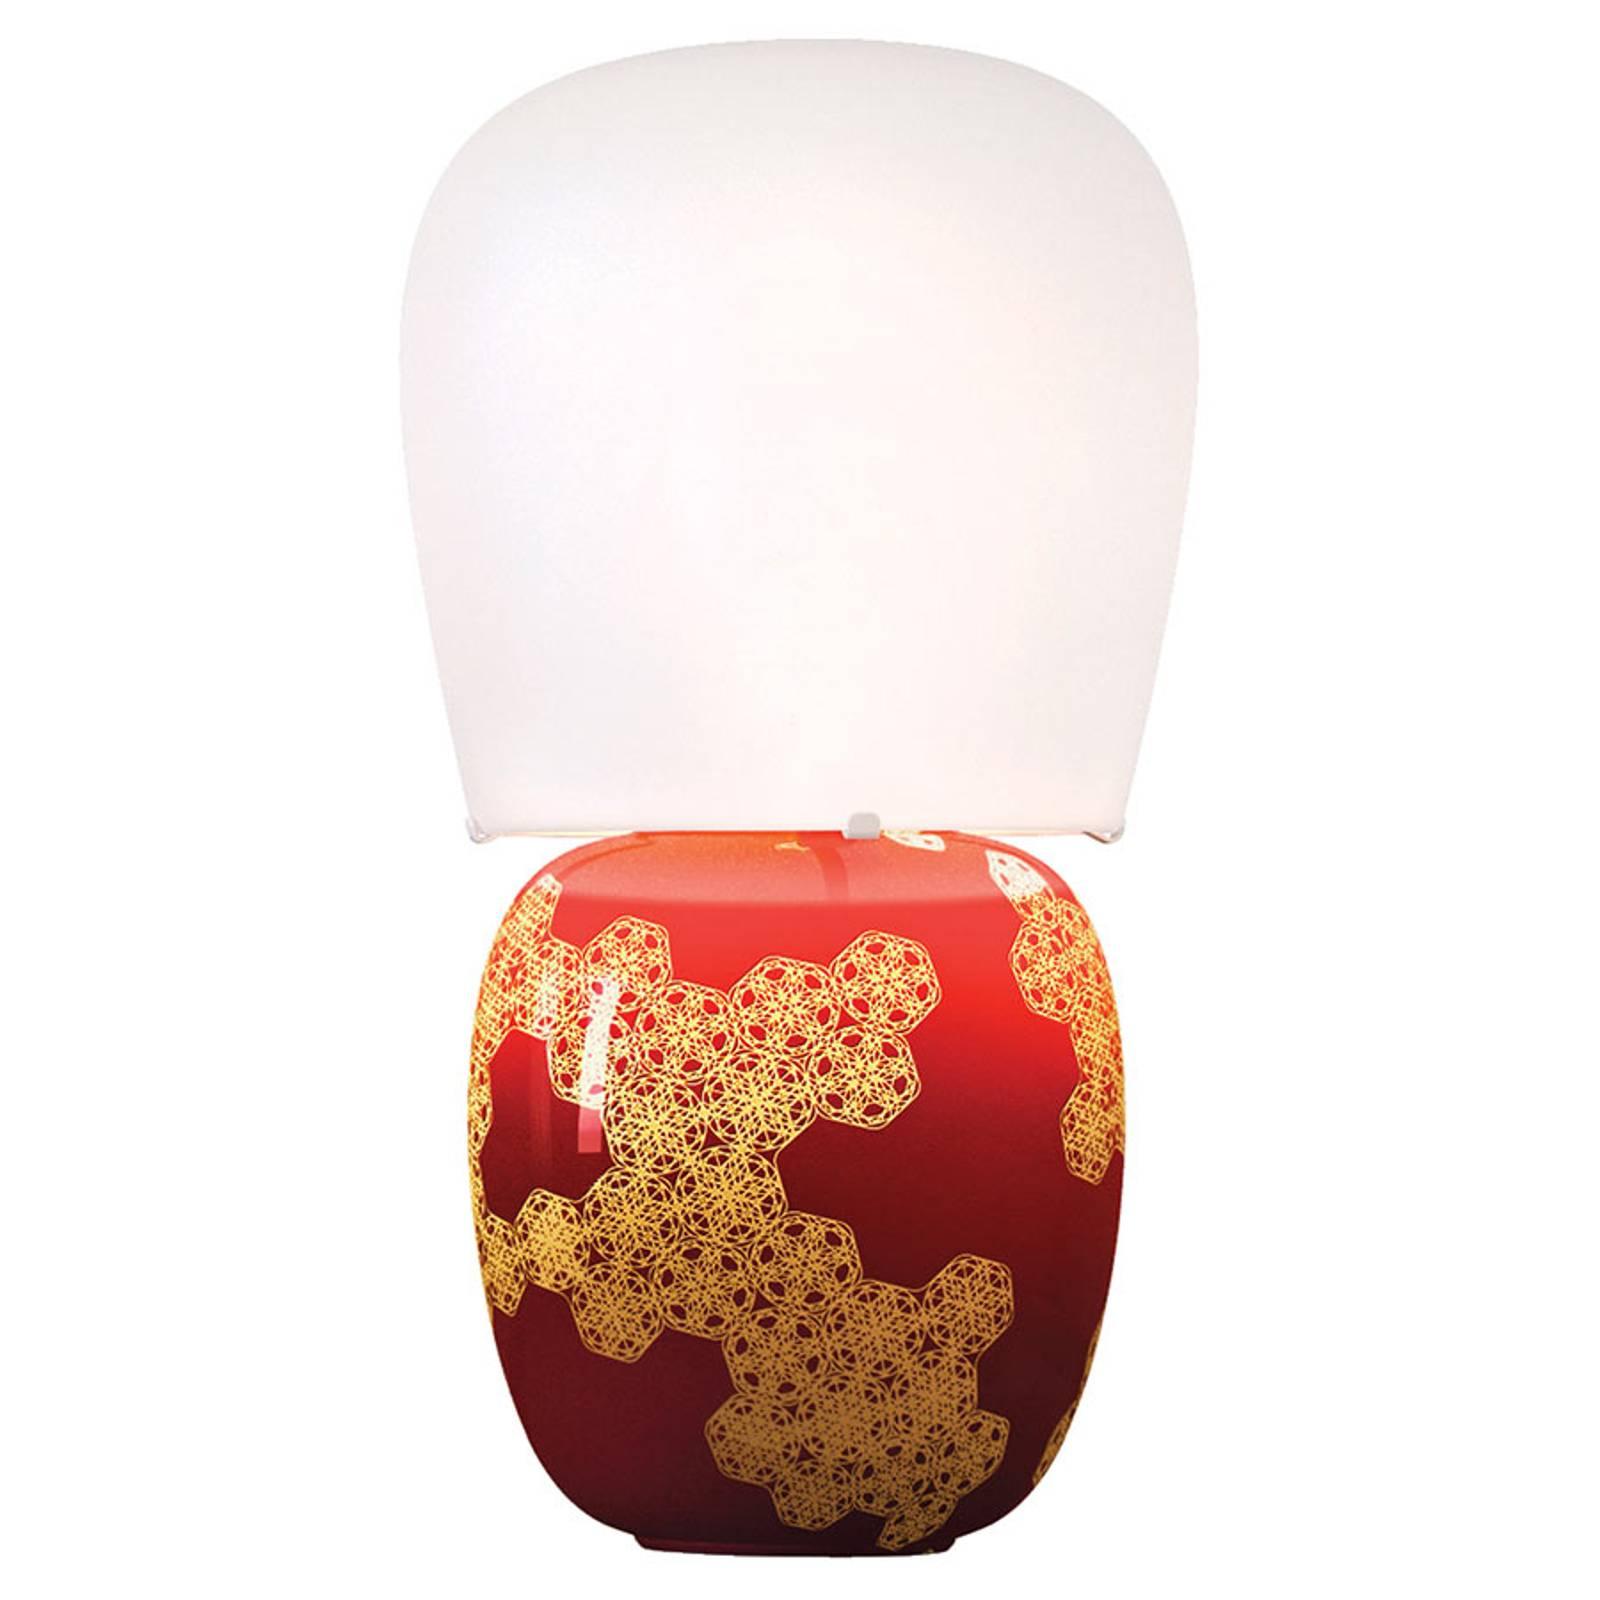 Kundalini Hive - keraaminen pöytälamppu, punainen